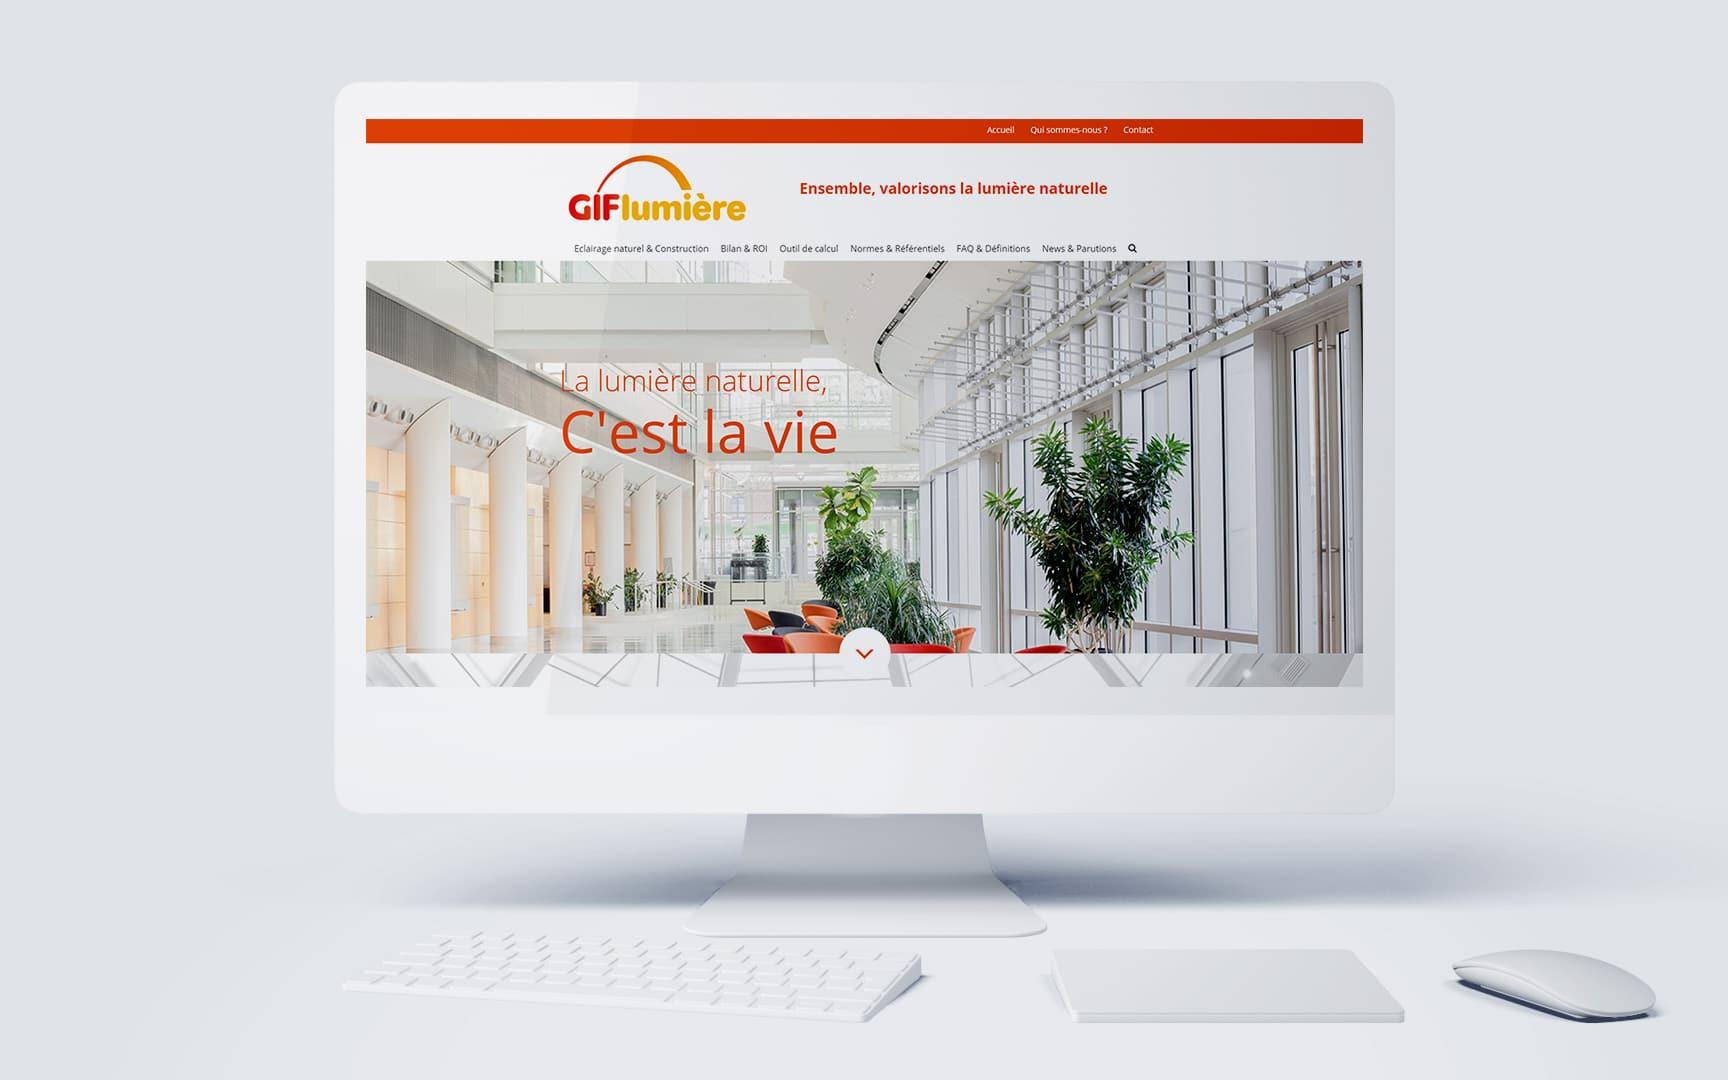 Création et développement du site internet la campagne BtoB de promotion de la lumière et de l'éclairage zénithal, Gif lumière, réalisation par l'agence de communication et de création Siouxe, à Paris.